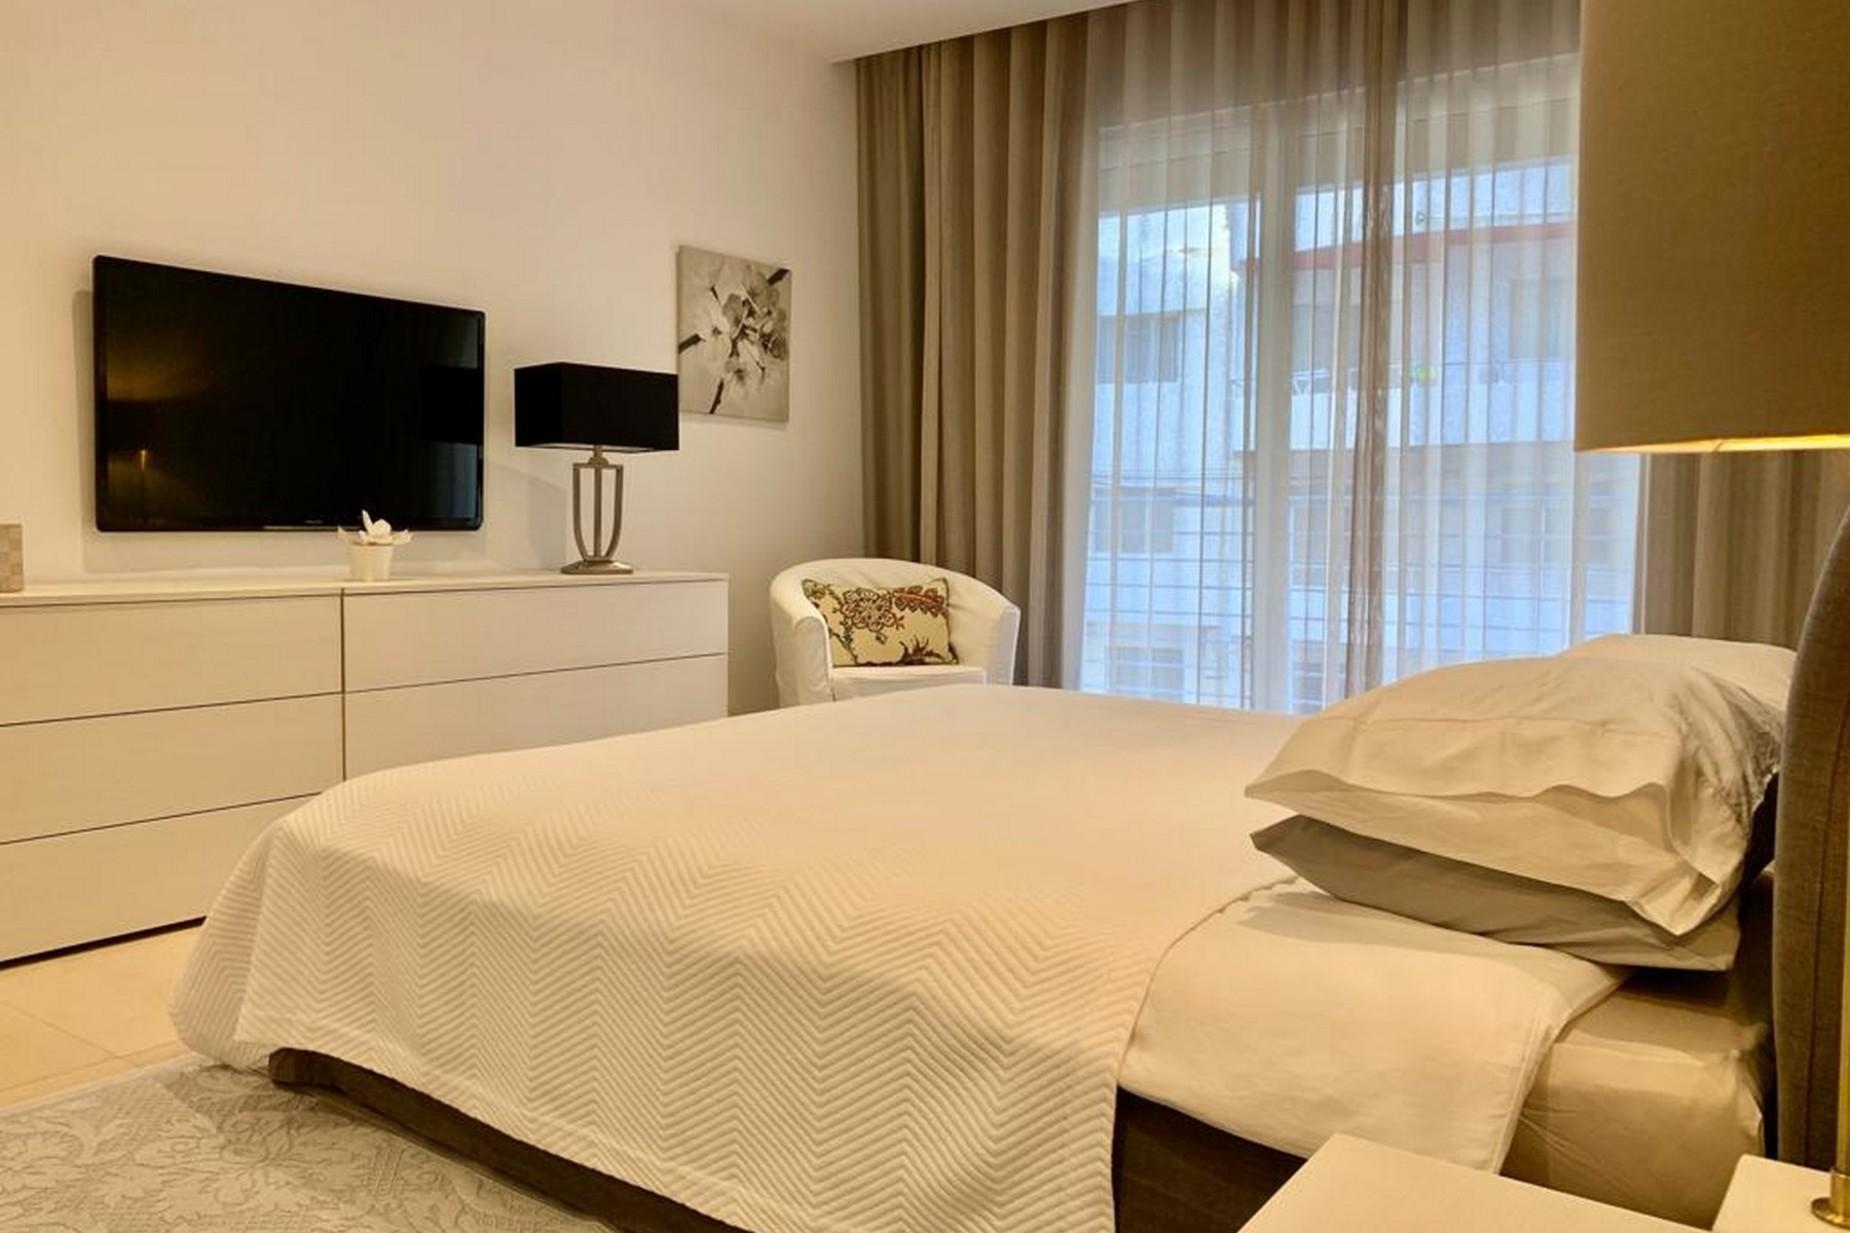 3 bed Apartment For Rent in Ta' Xbiex, Ta' Xbiex - thumb 21